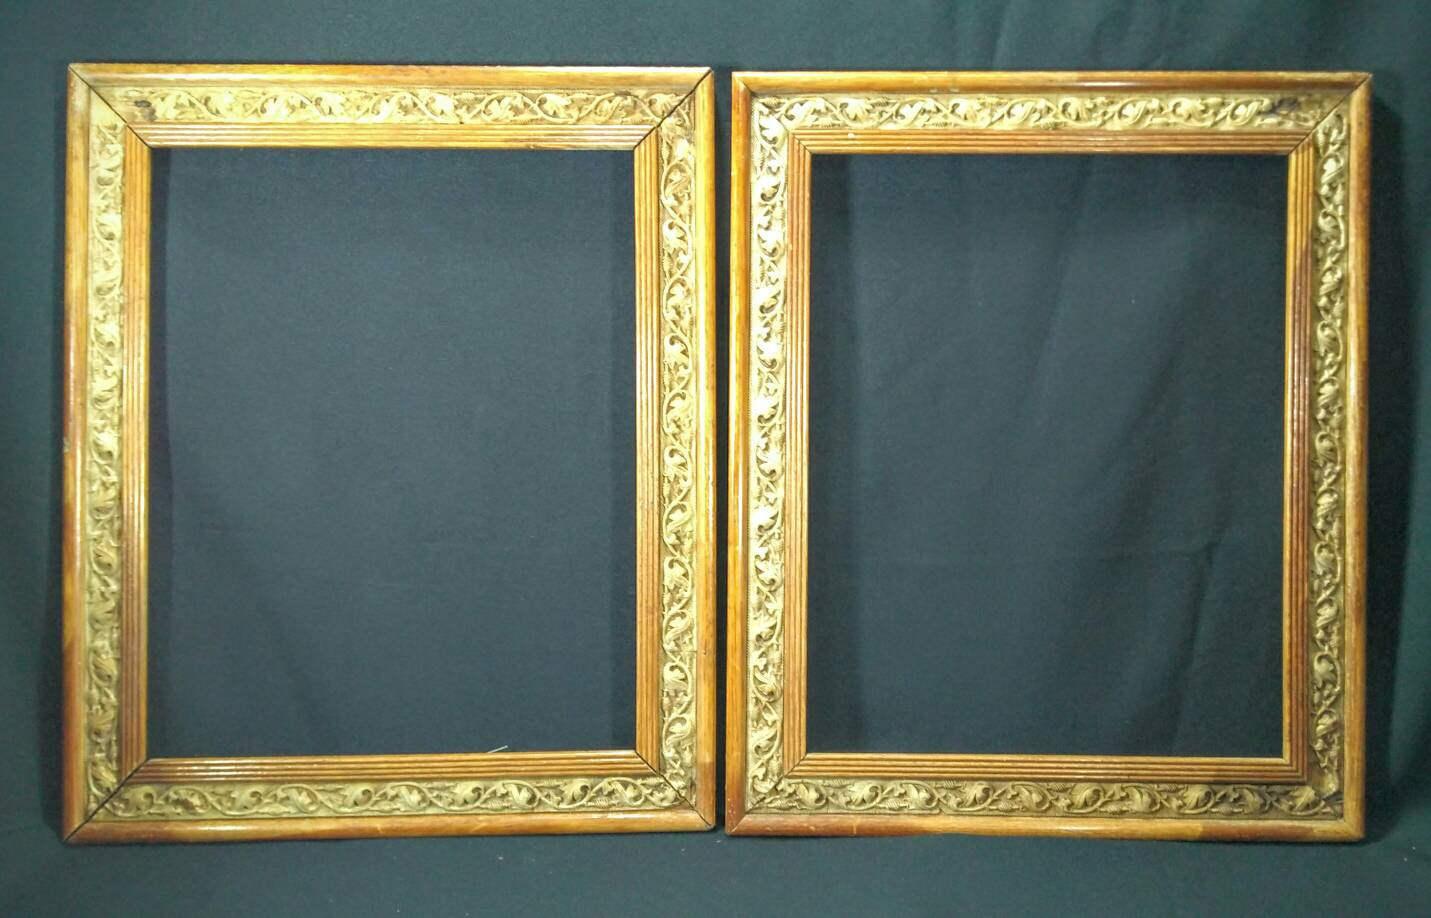 Antique art nouveau pair of light oak picture frames twisted vine sold by antiqueshack jeuxipadfo Gallery